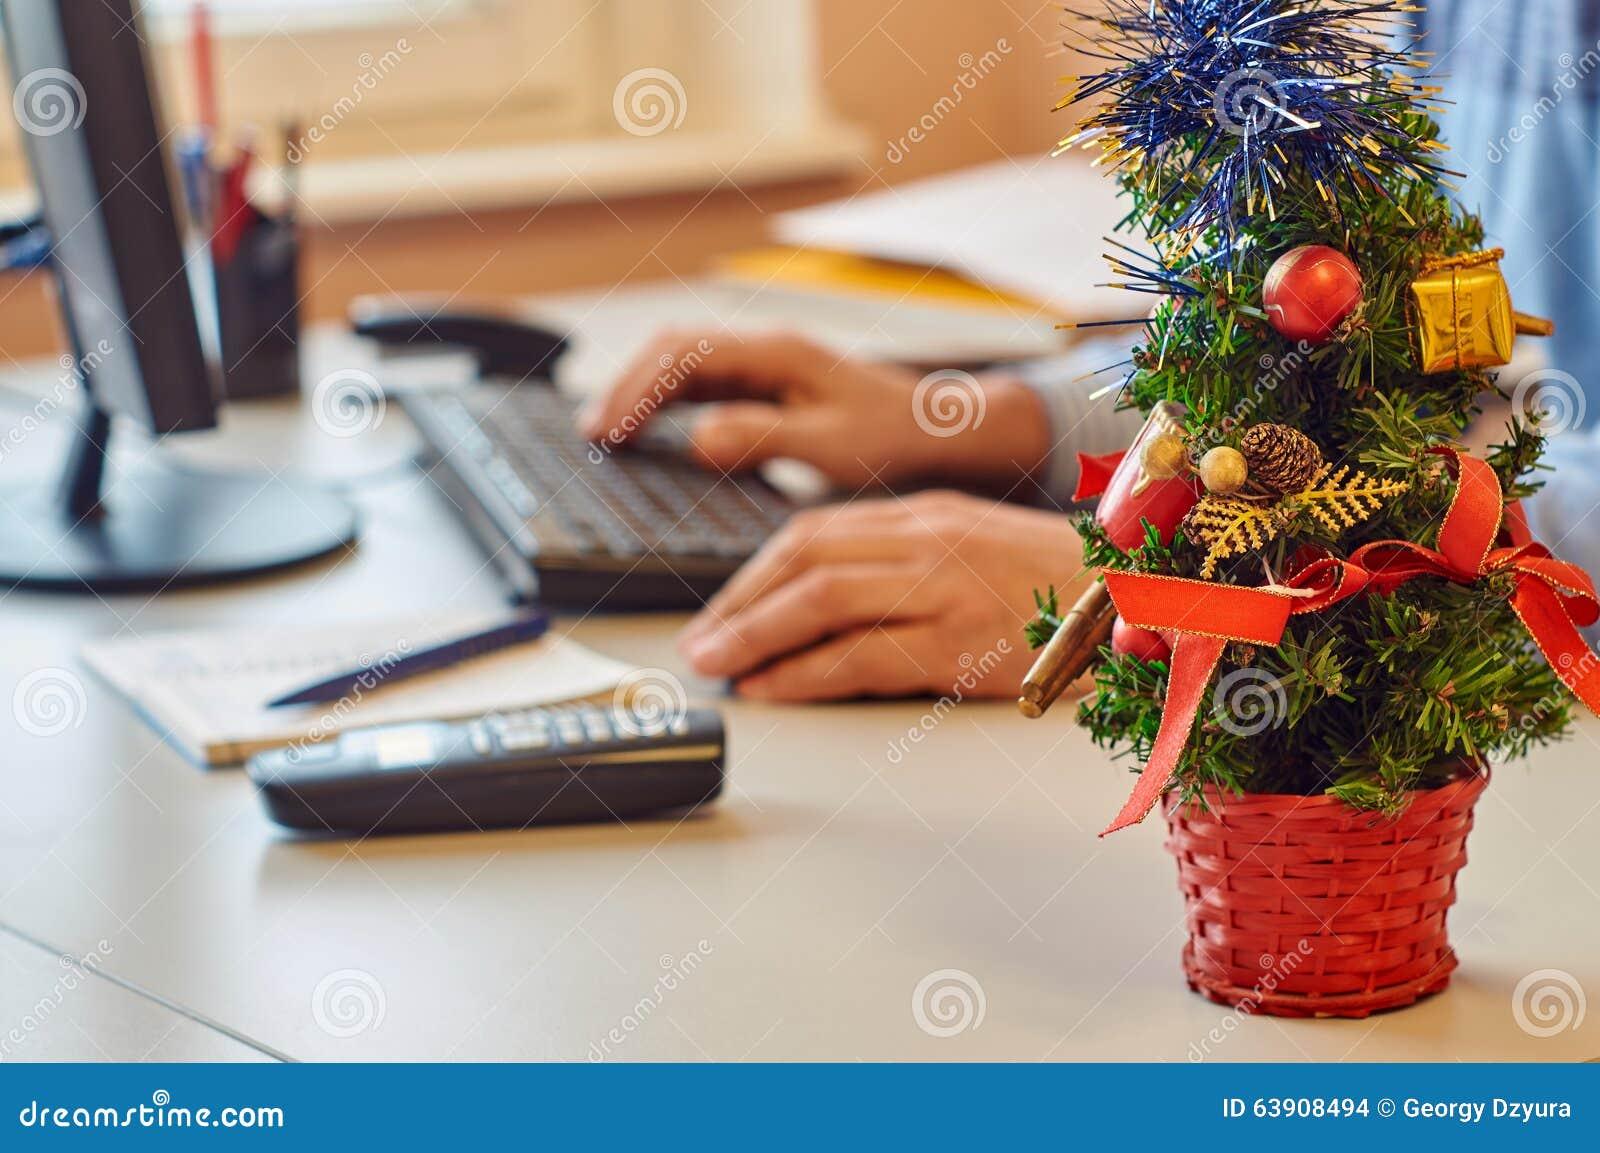 Decorazioni Ufficio Natale : Decorazione dell ufficio di natale fotografia stock immagine di